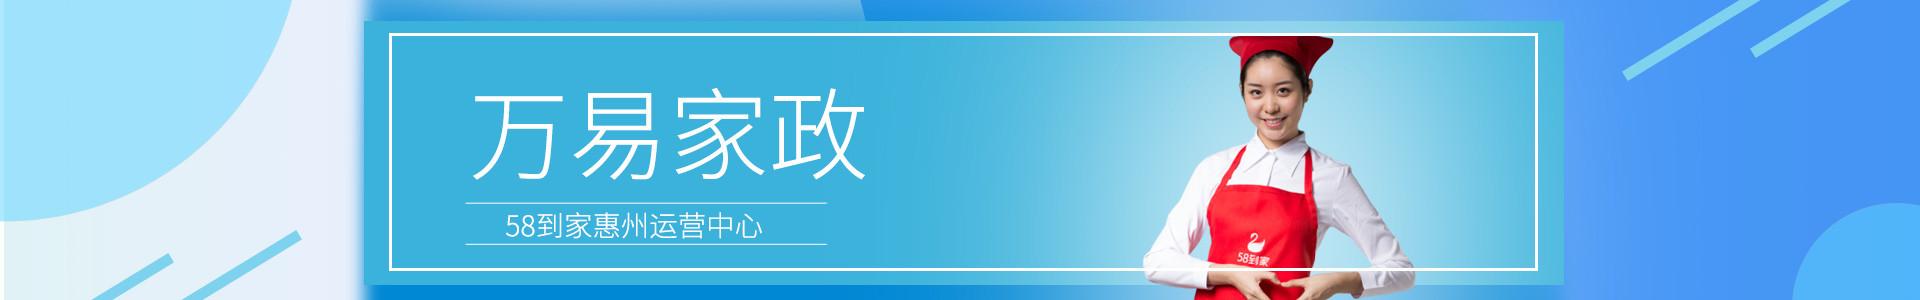 惠州家政公司